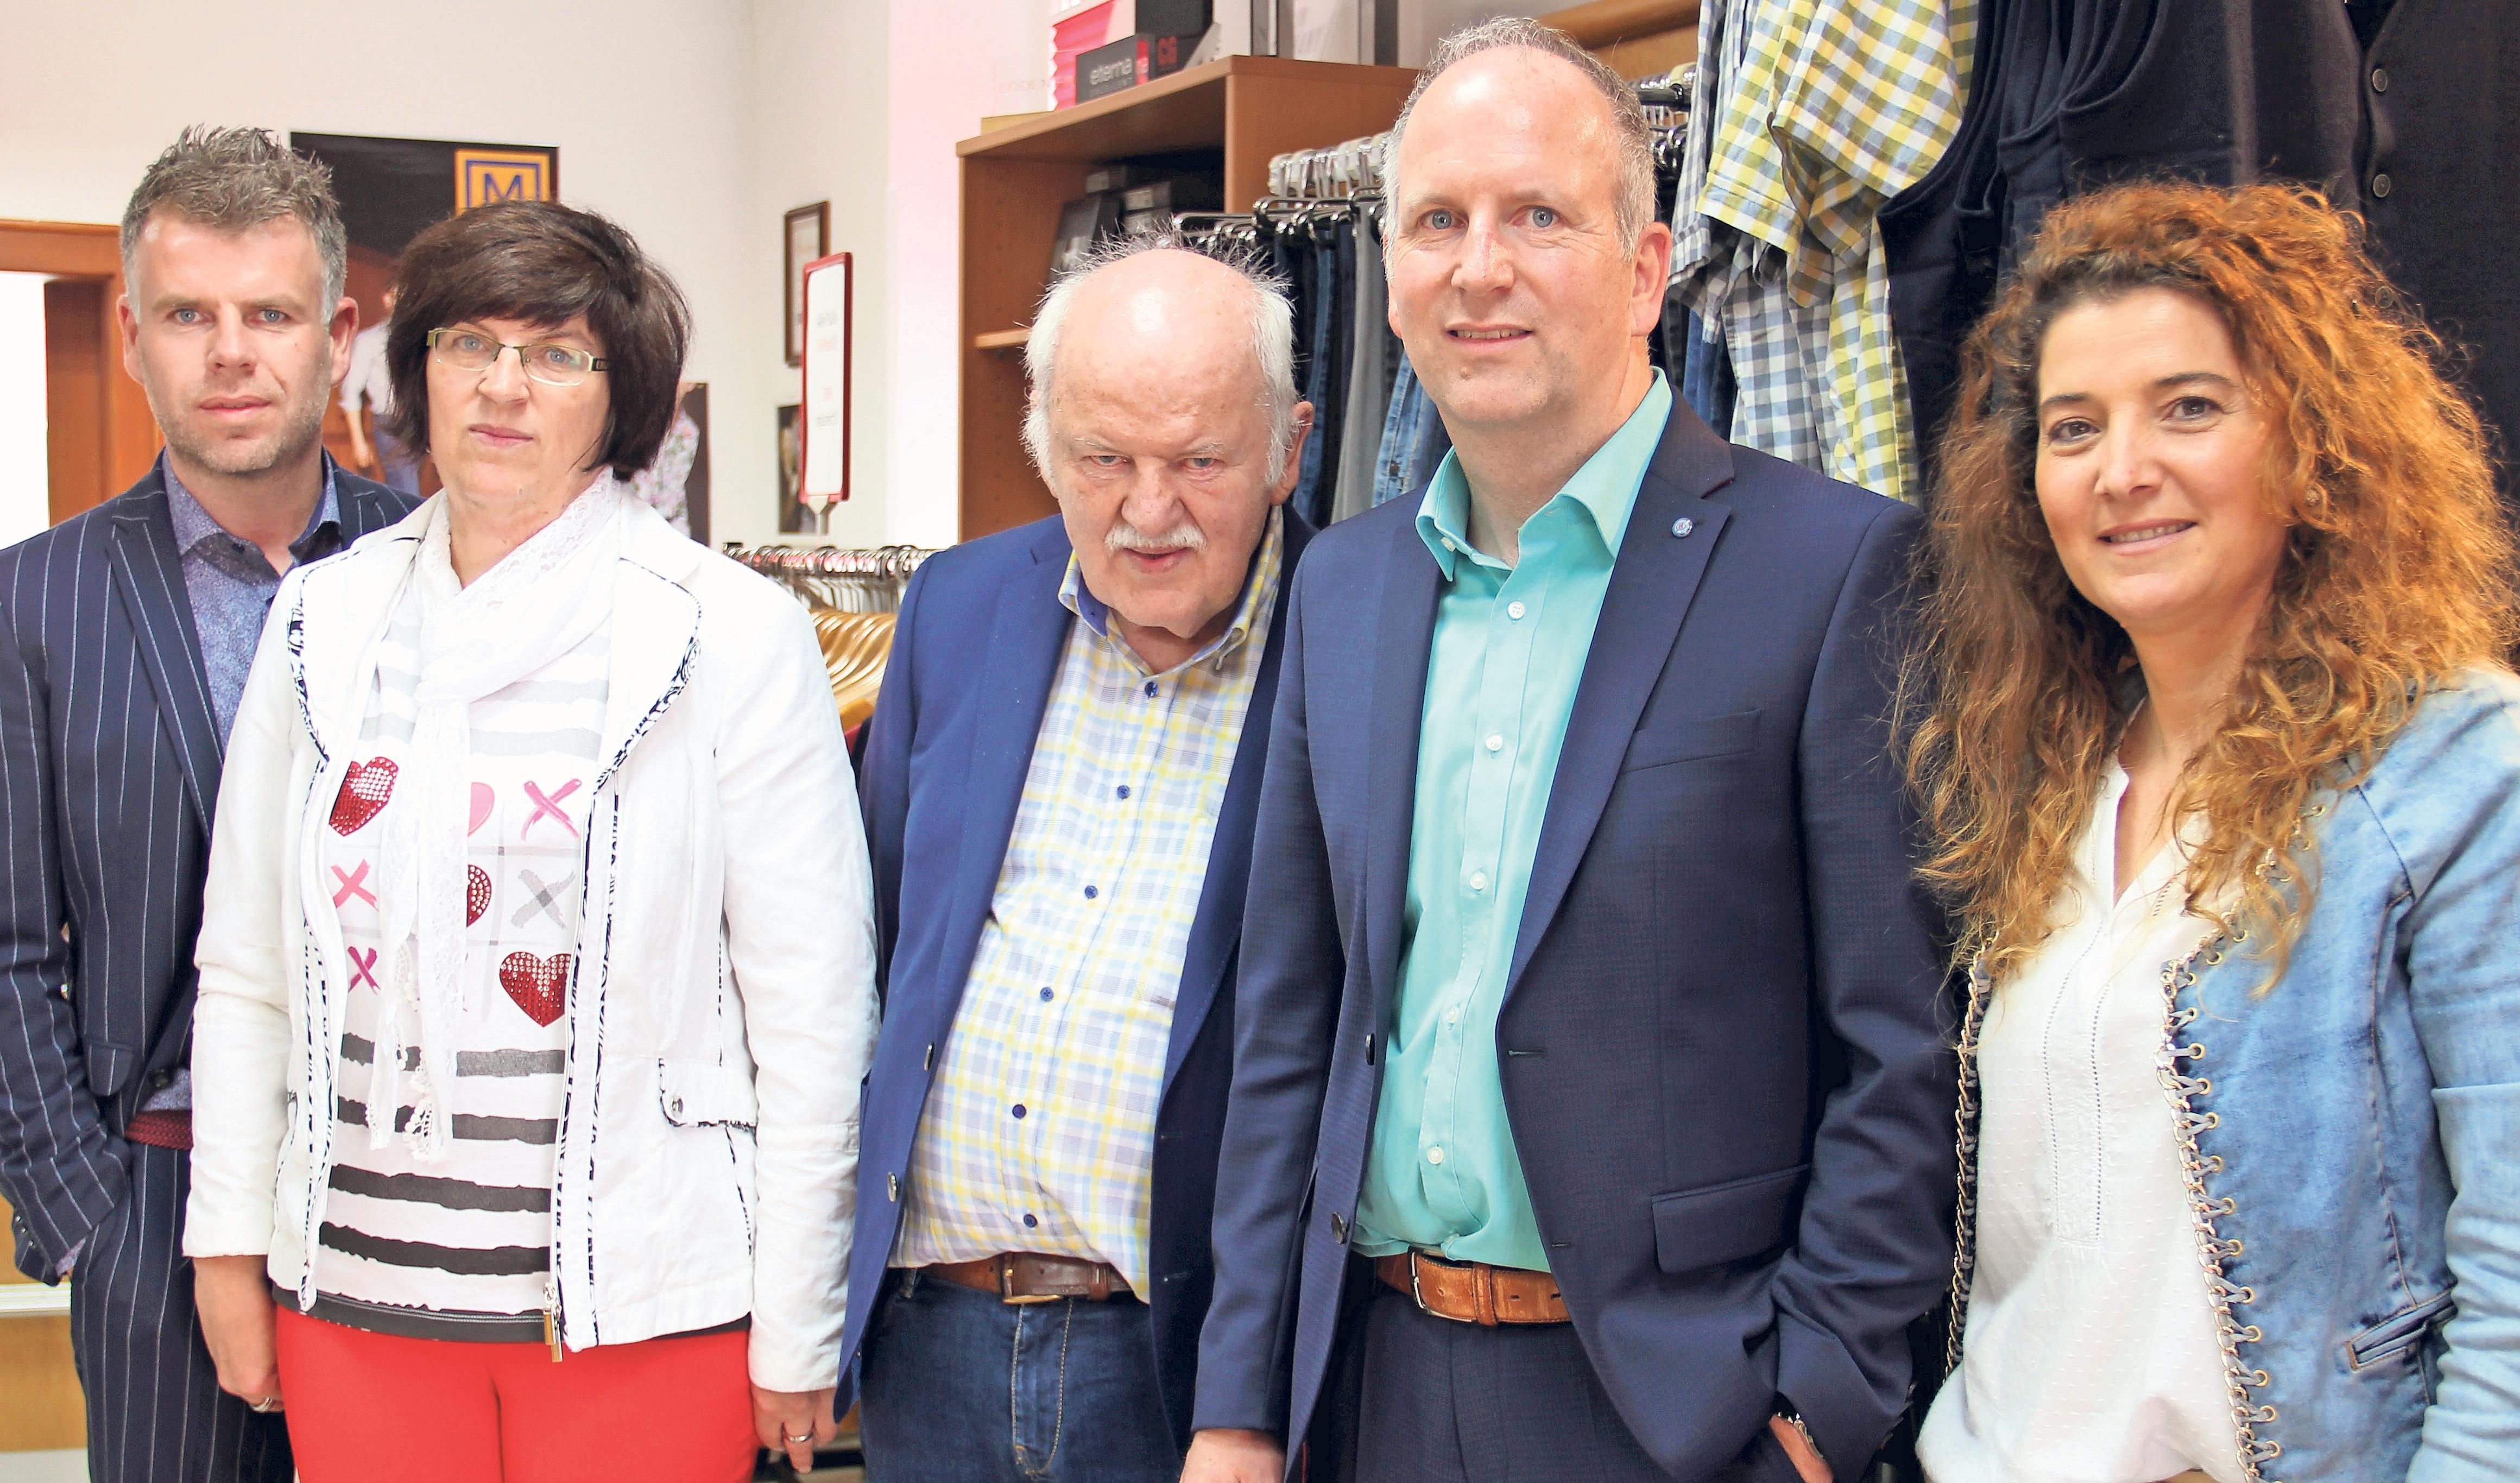 Familienbetrieb mit Herz und Kompetenz: Das Team von Becker & Exner freut sich über den Sieg beim achten Bayreuther Kundenspiegel. Foto: Thomas Kenger